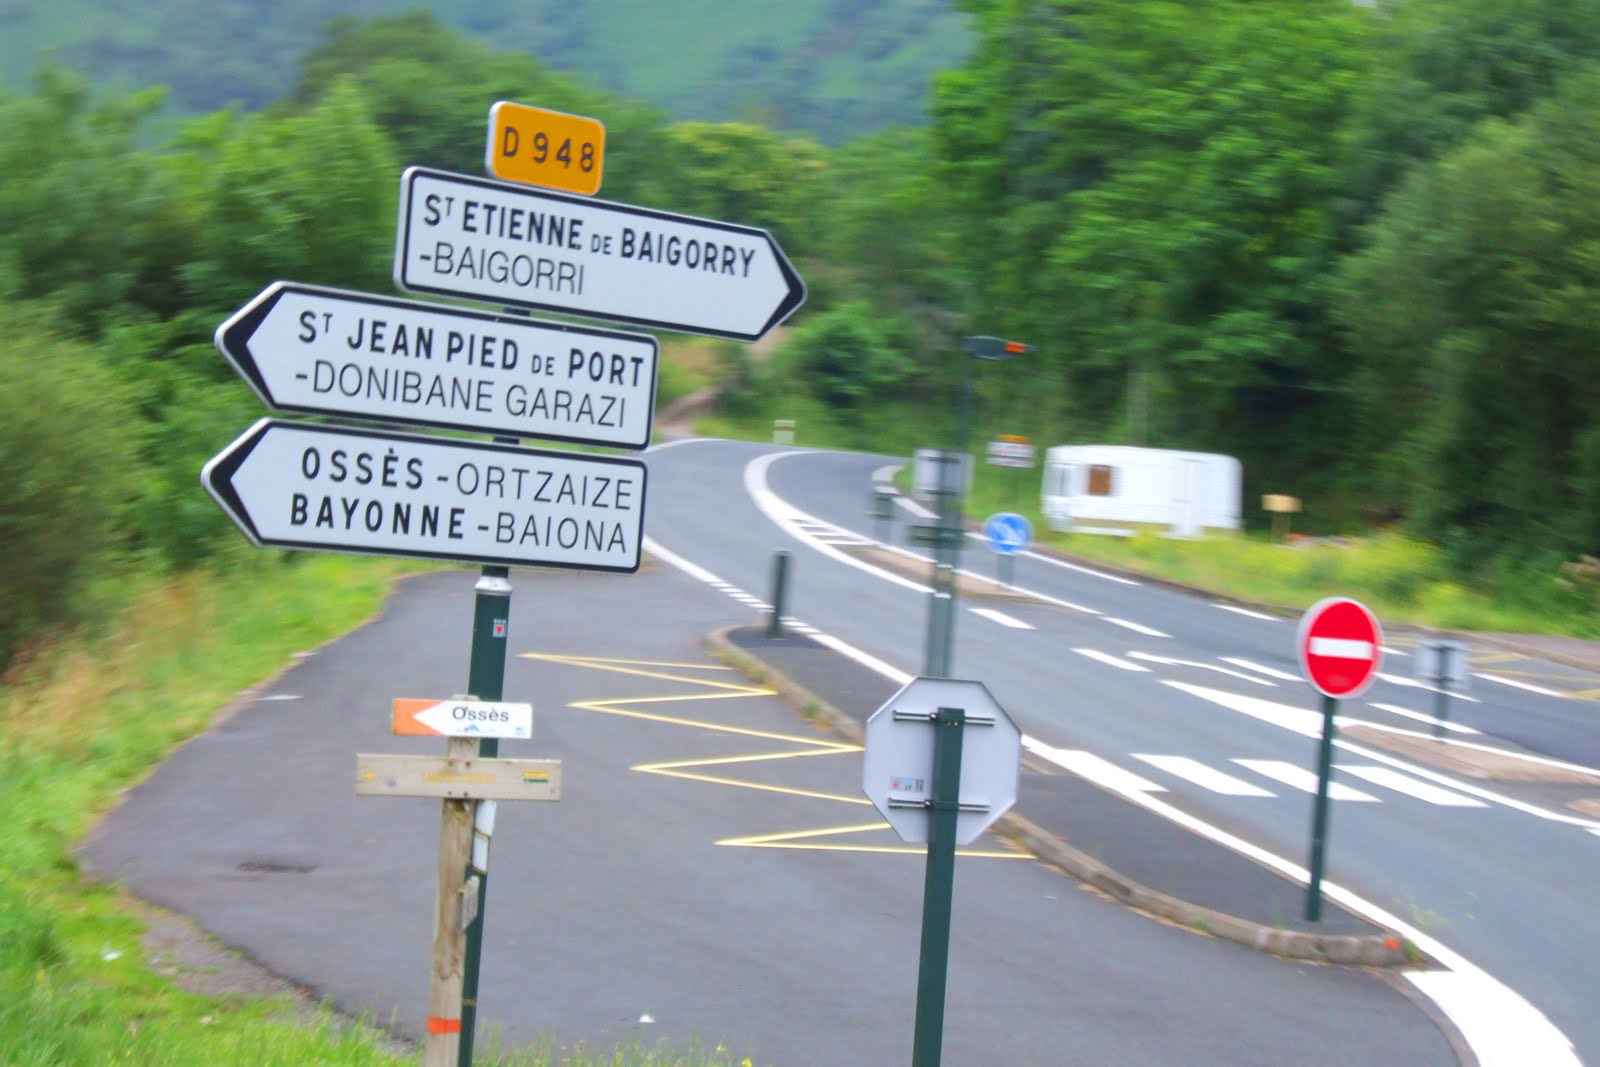 El camino a santiago de compostela bayonne saint jean - Train from bayonne to st jean pied de port ...